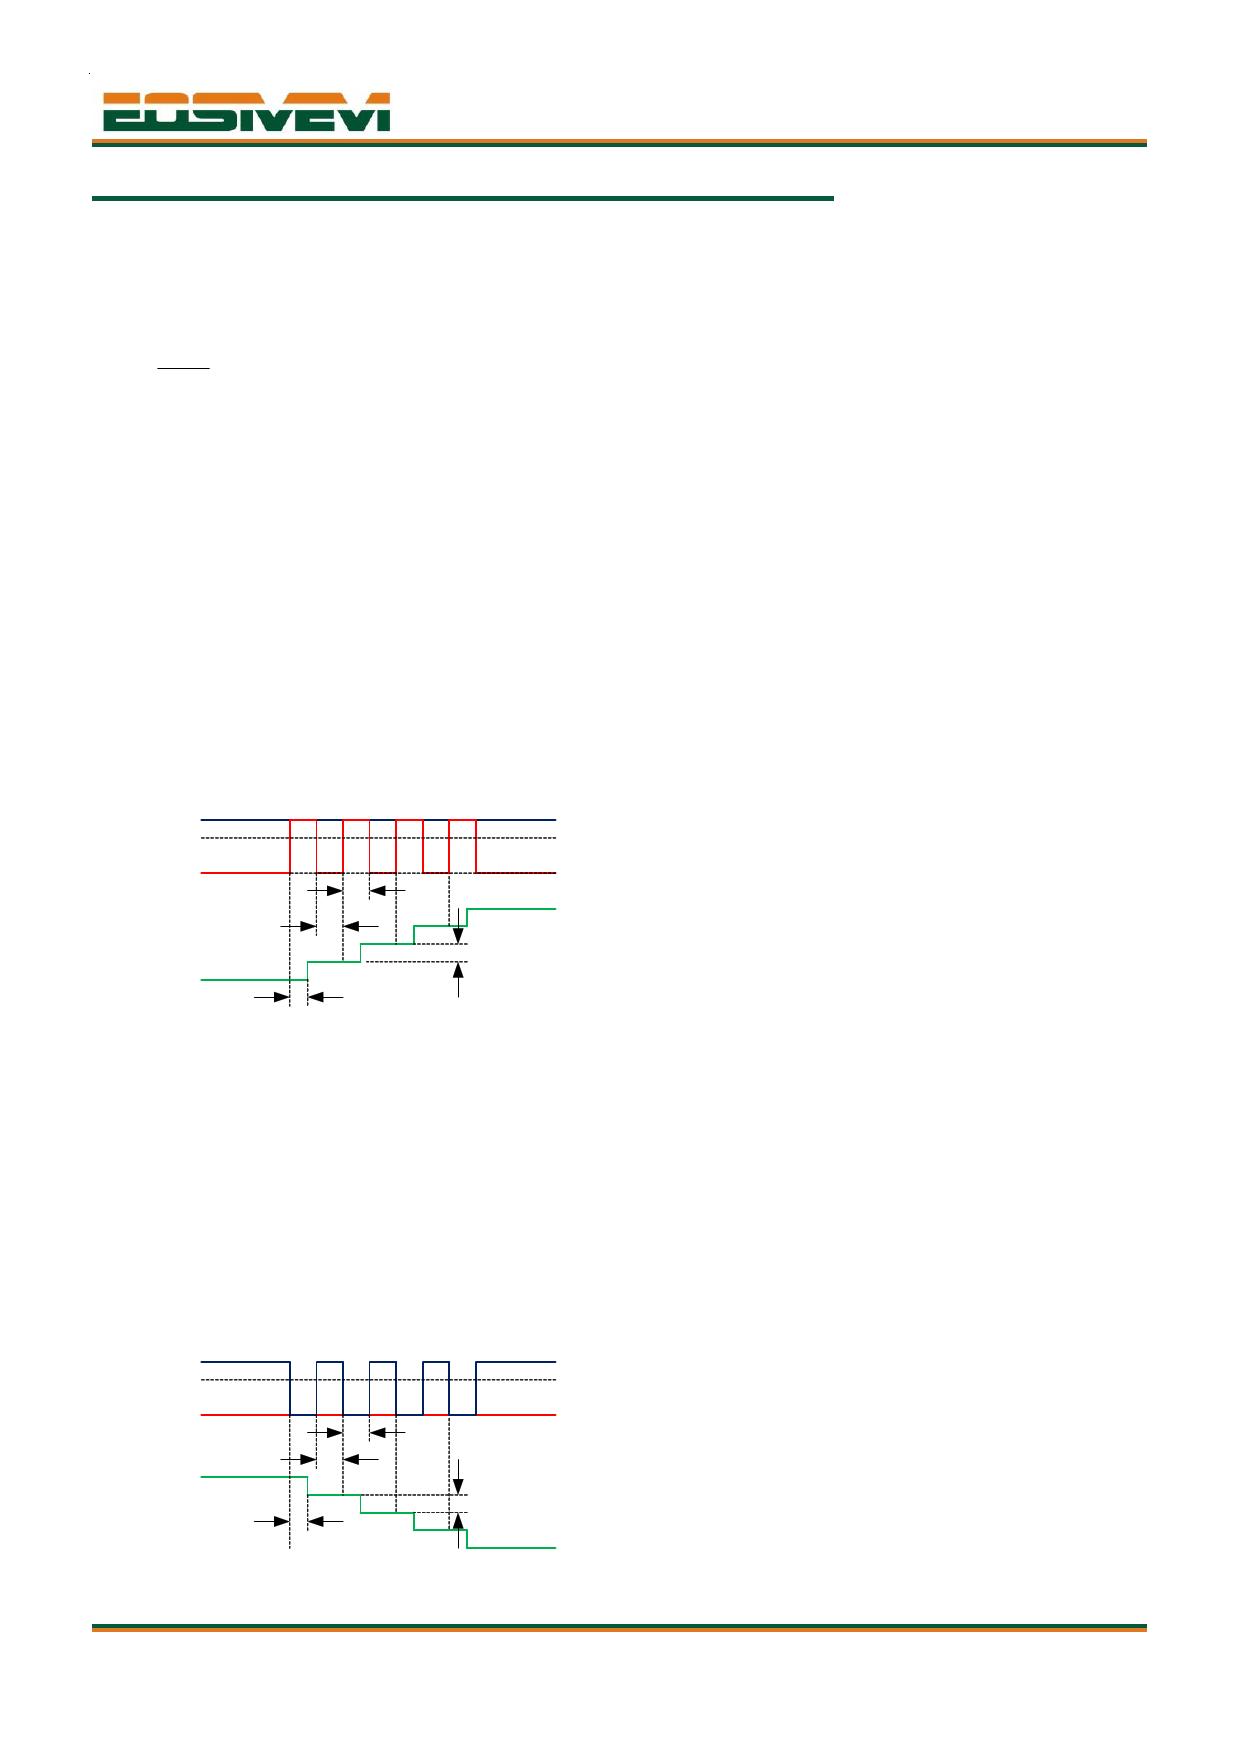 NT6008A pdf, 반도체, 판매, 대치품